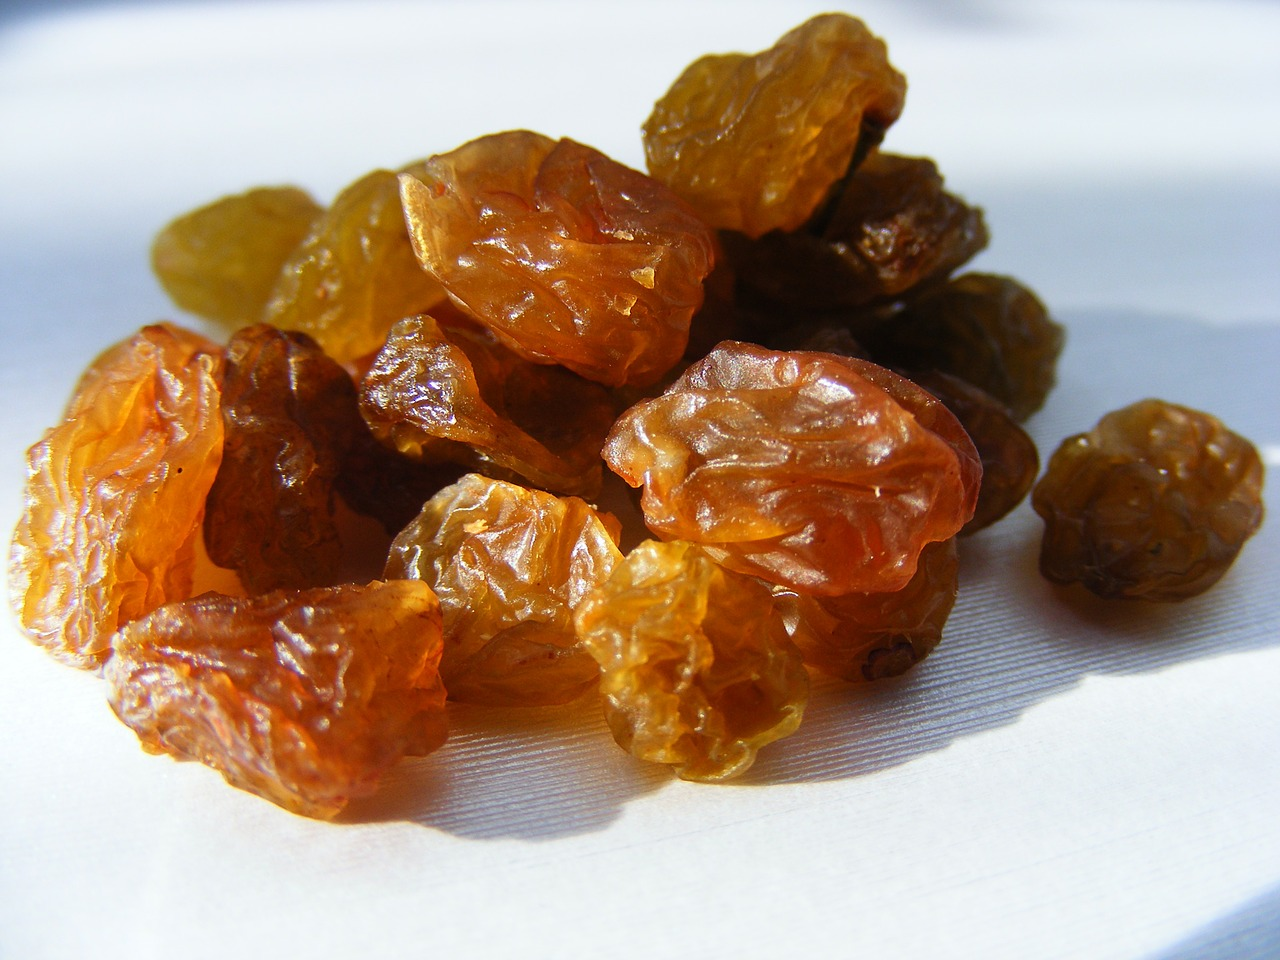 raisins-88532_1280